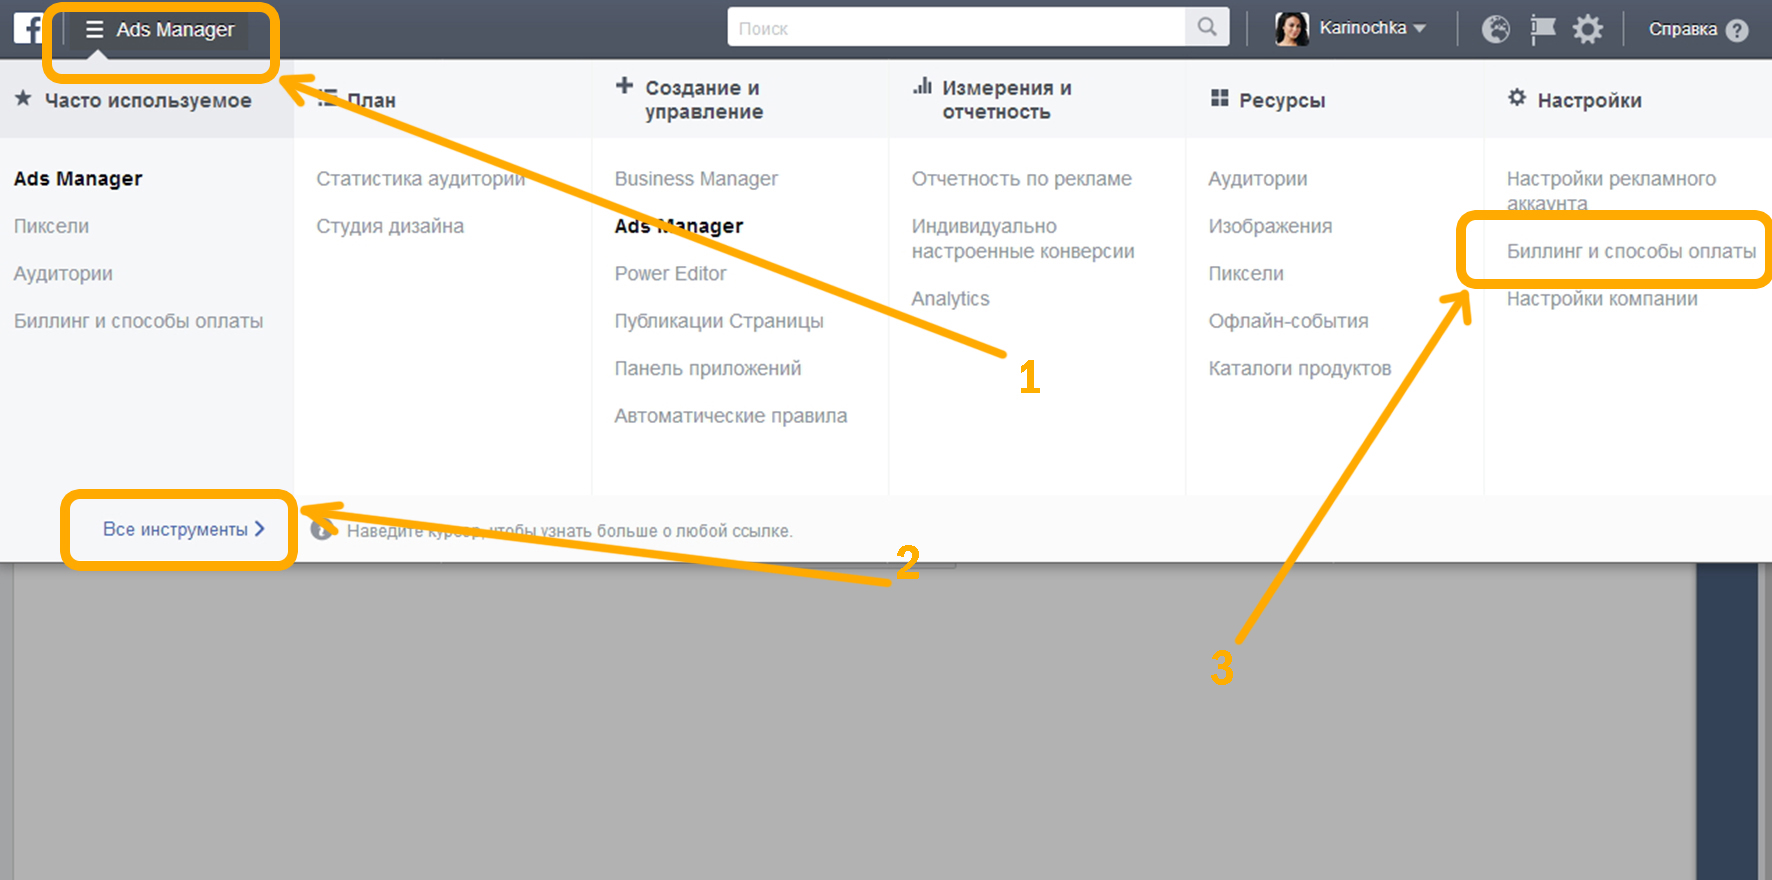 Действия, которые нужно выполнить пользователю, чтобы получить доступ к биллингу аккаунта